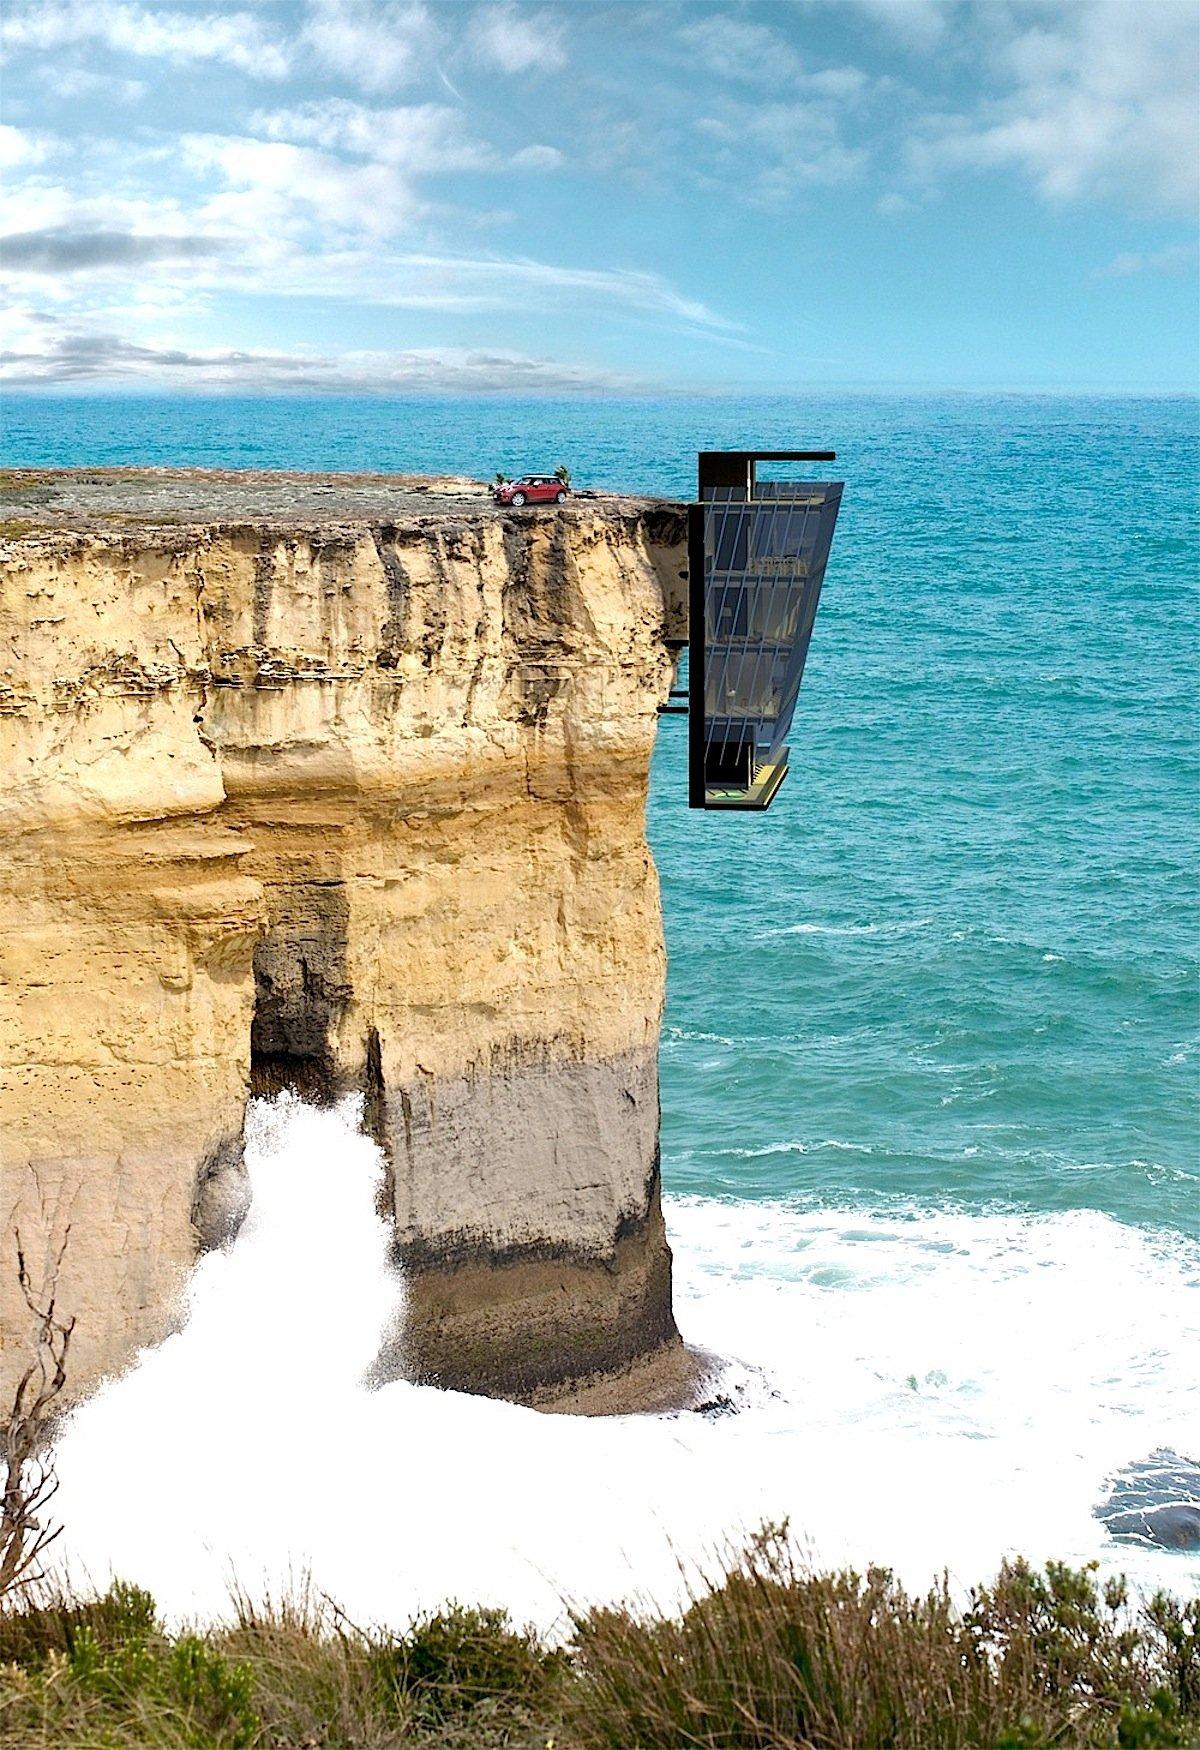 Nichts für Angsthasen: Das fünfstöckige Hausam Meer ist mit Stahlbolzen seitlich am Gestein einer Klippe befestigt – und hängt deshalb direkt über der Brandung.